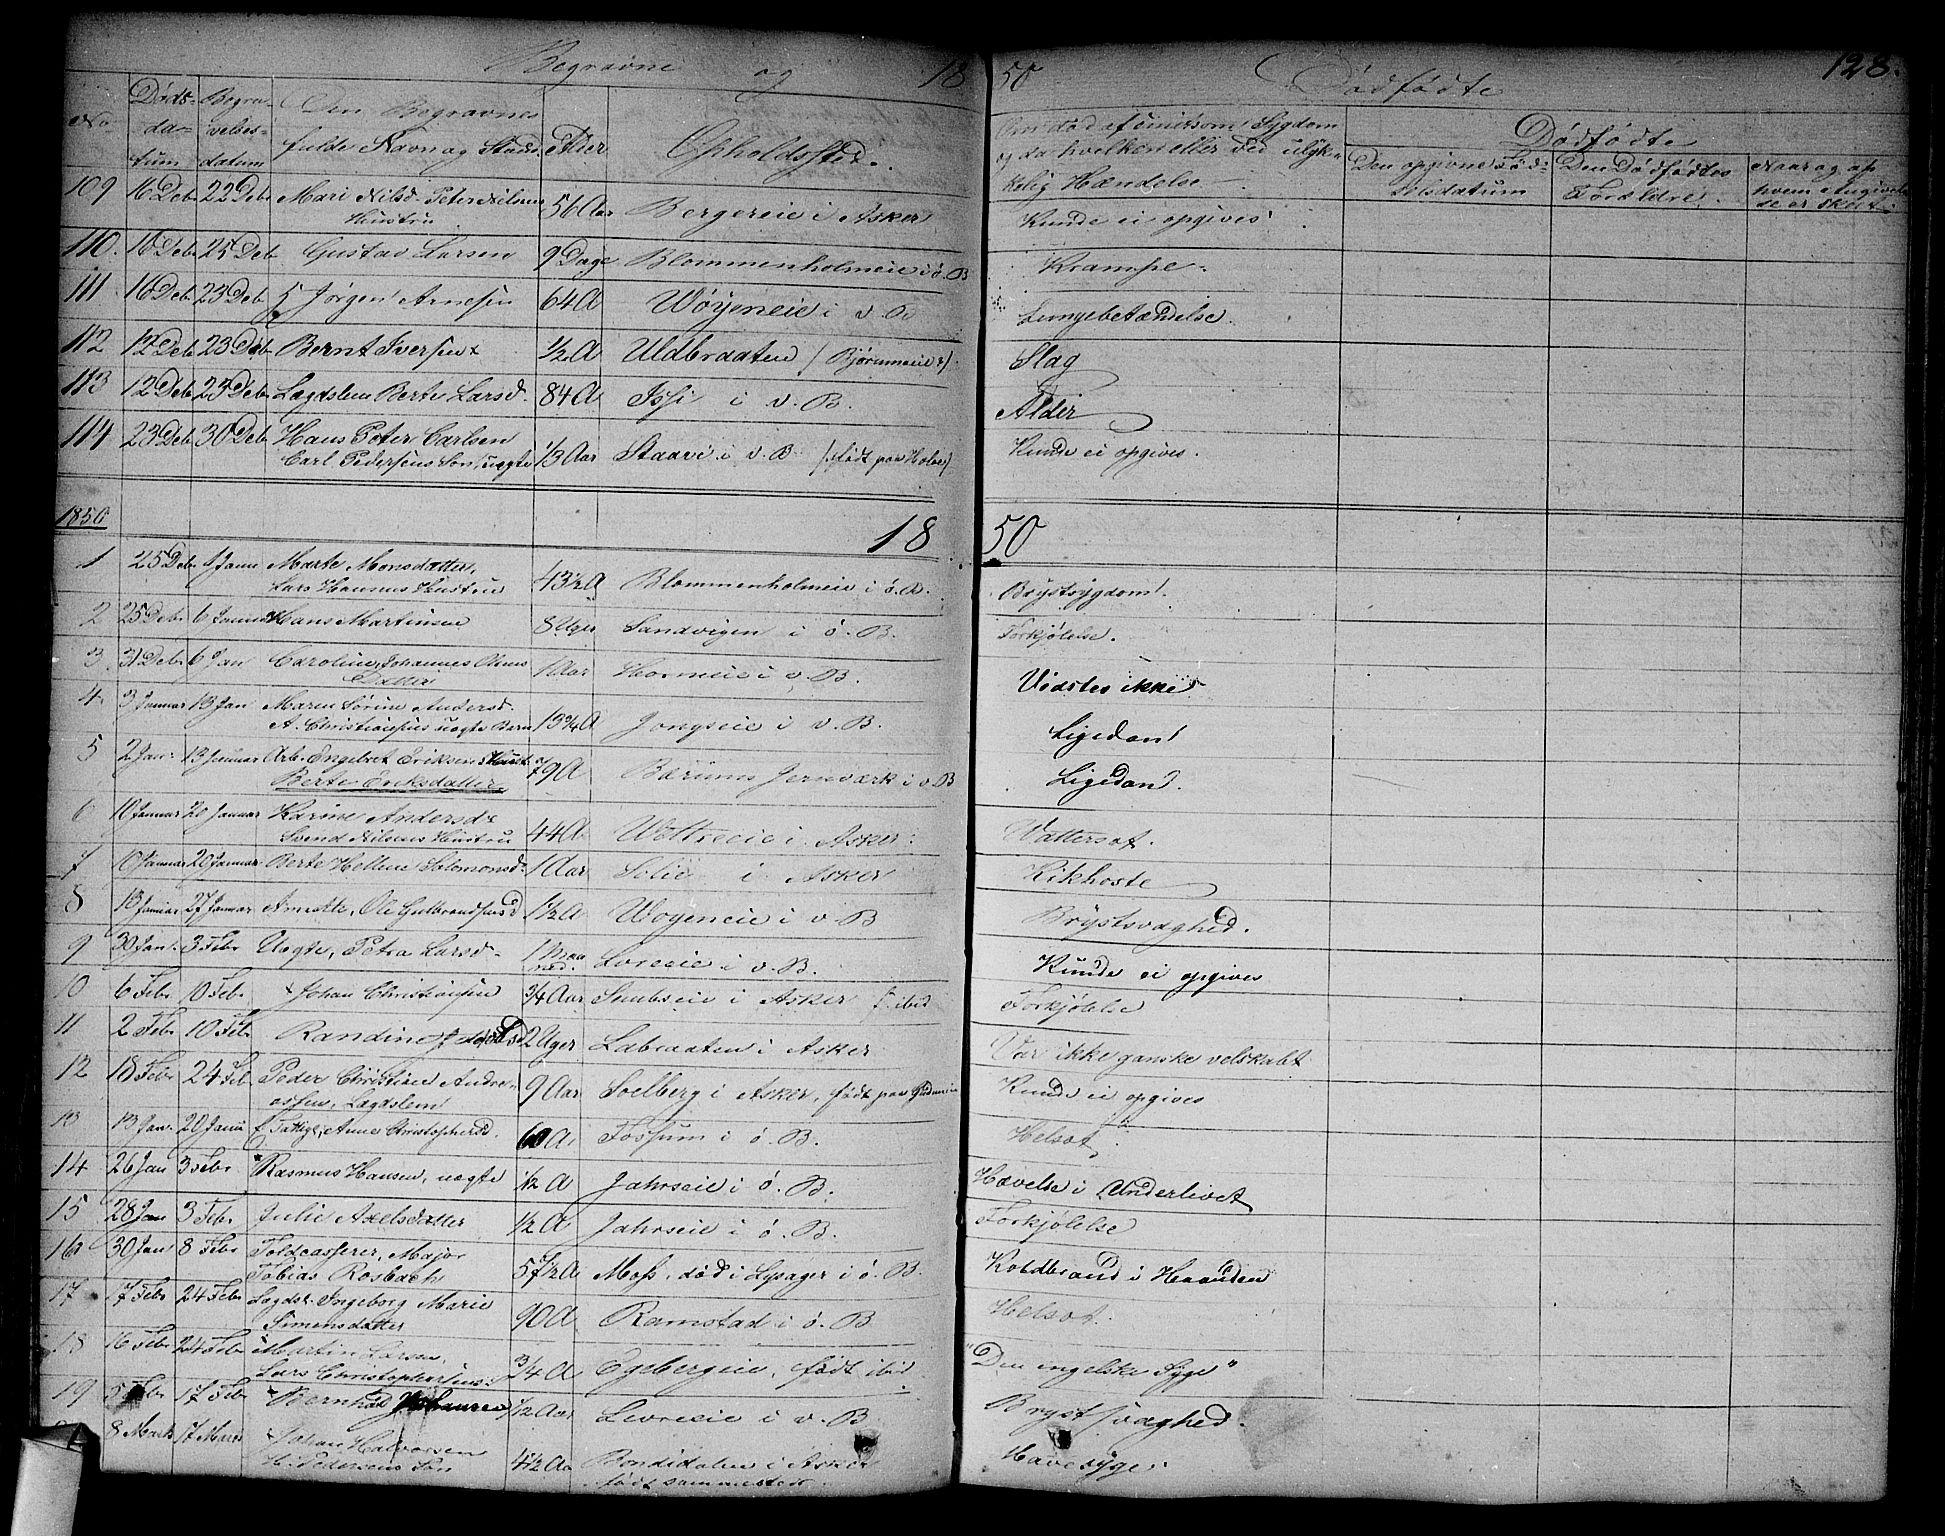 SAO, Asker prestekontor Kirkebøker, F/Fa/L0011: Ministerialbok nr. I 11, 1825-1878, s. 128